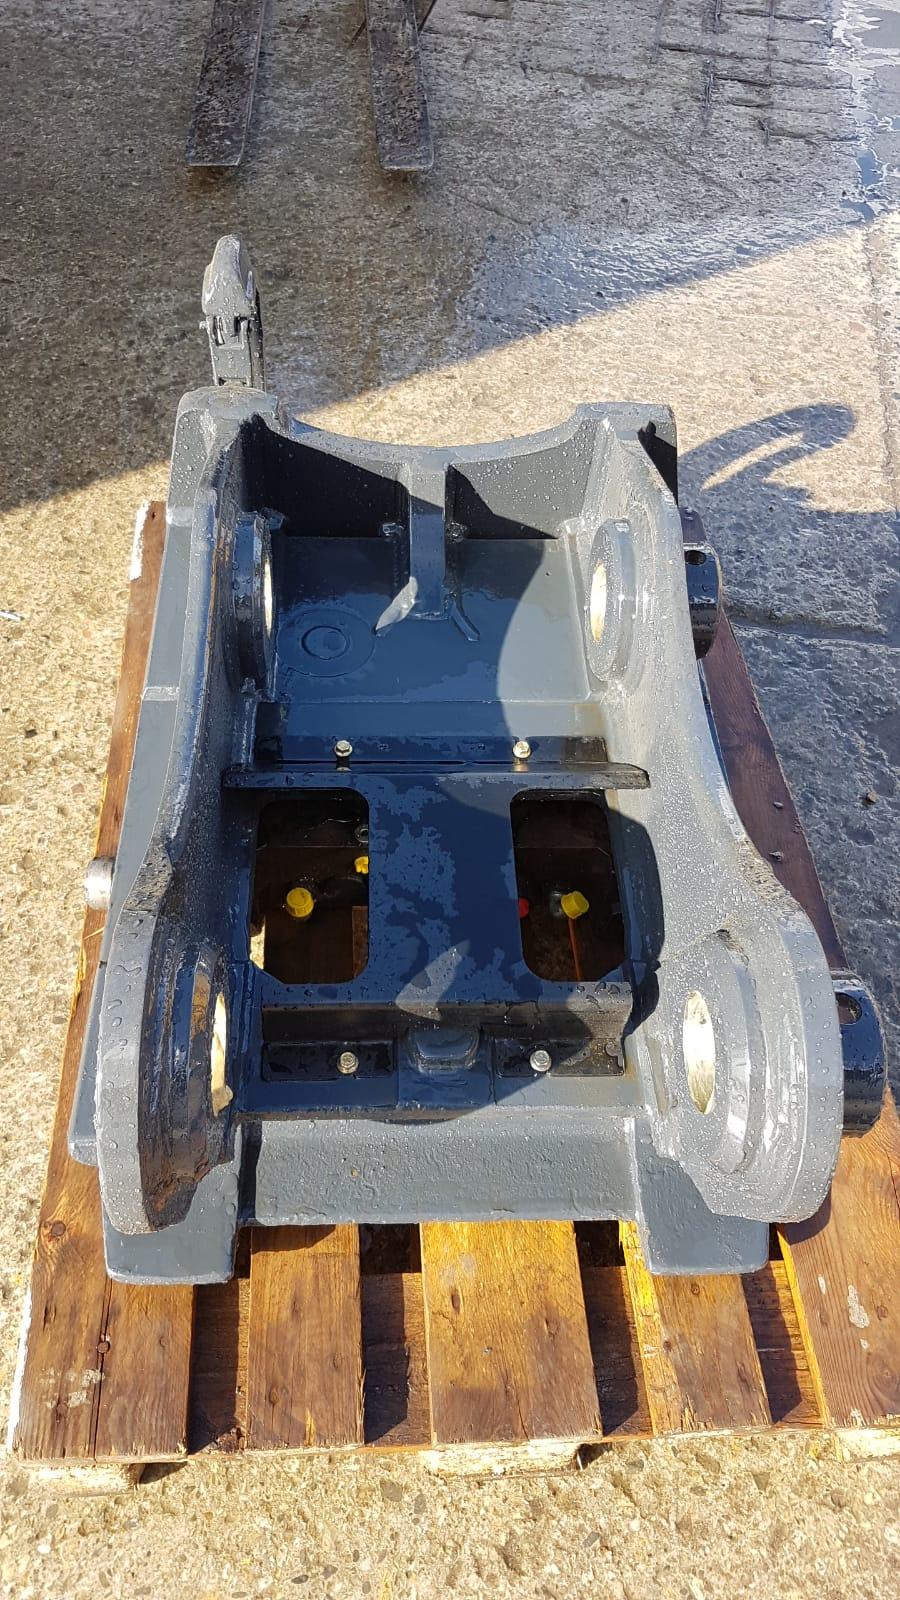 OILQUICK SCHNELLWECHSLER OQ80 HYDRAULISCH - 02